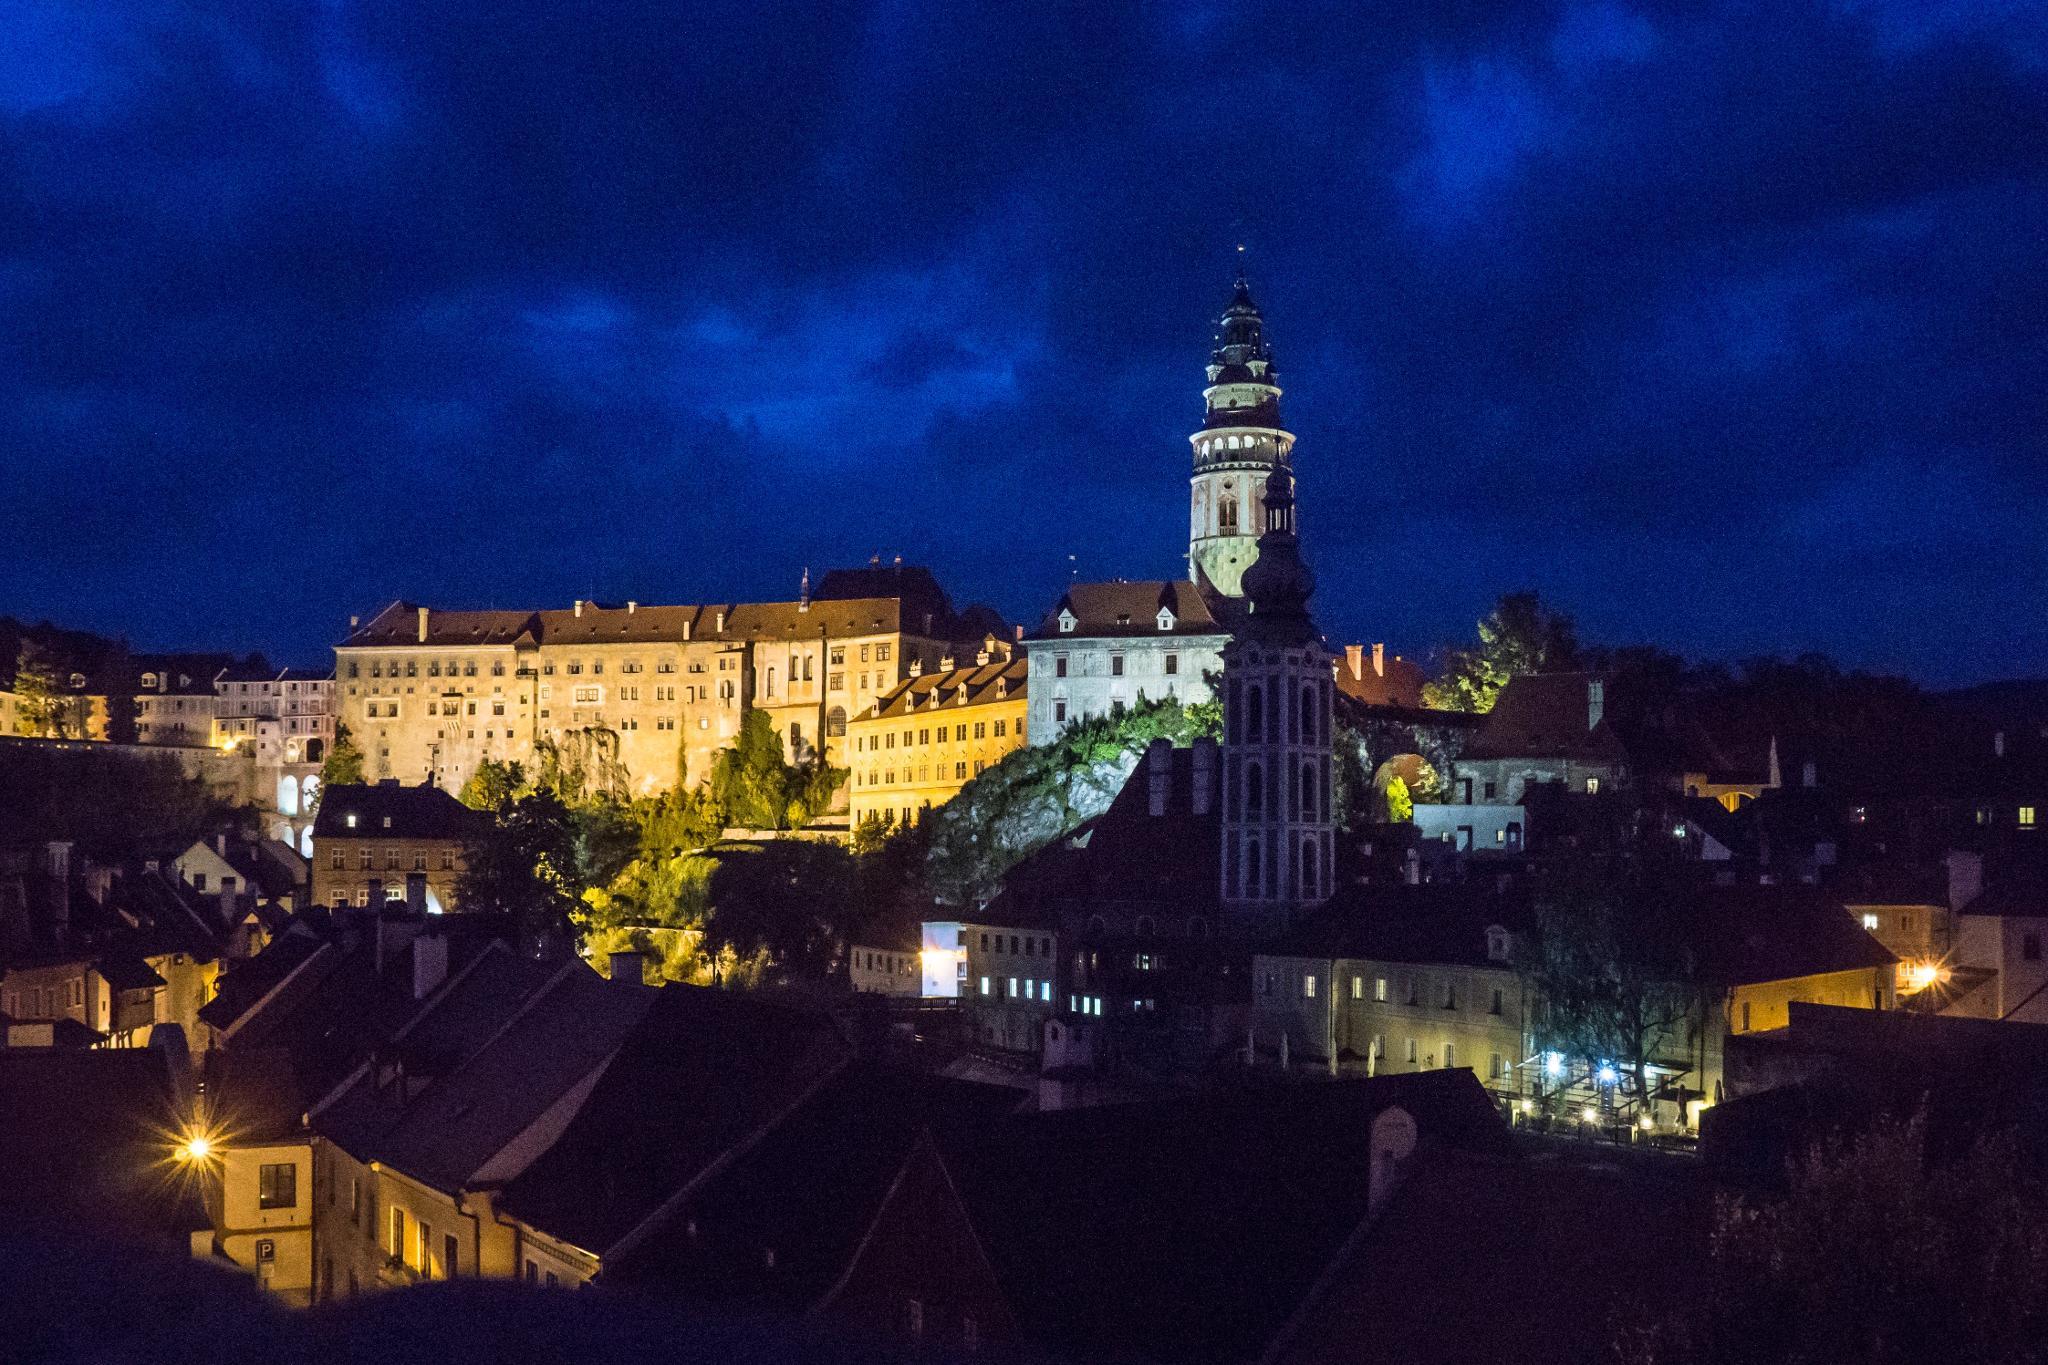 【捷克】行家推薦:Český Krumlov 庫倫洛夫攝影點總整理 & 私房夜景大公開! 30